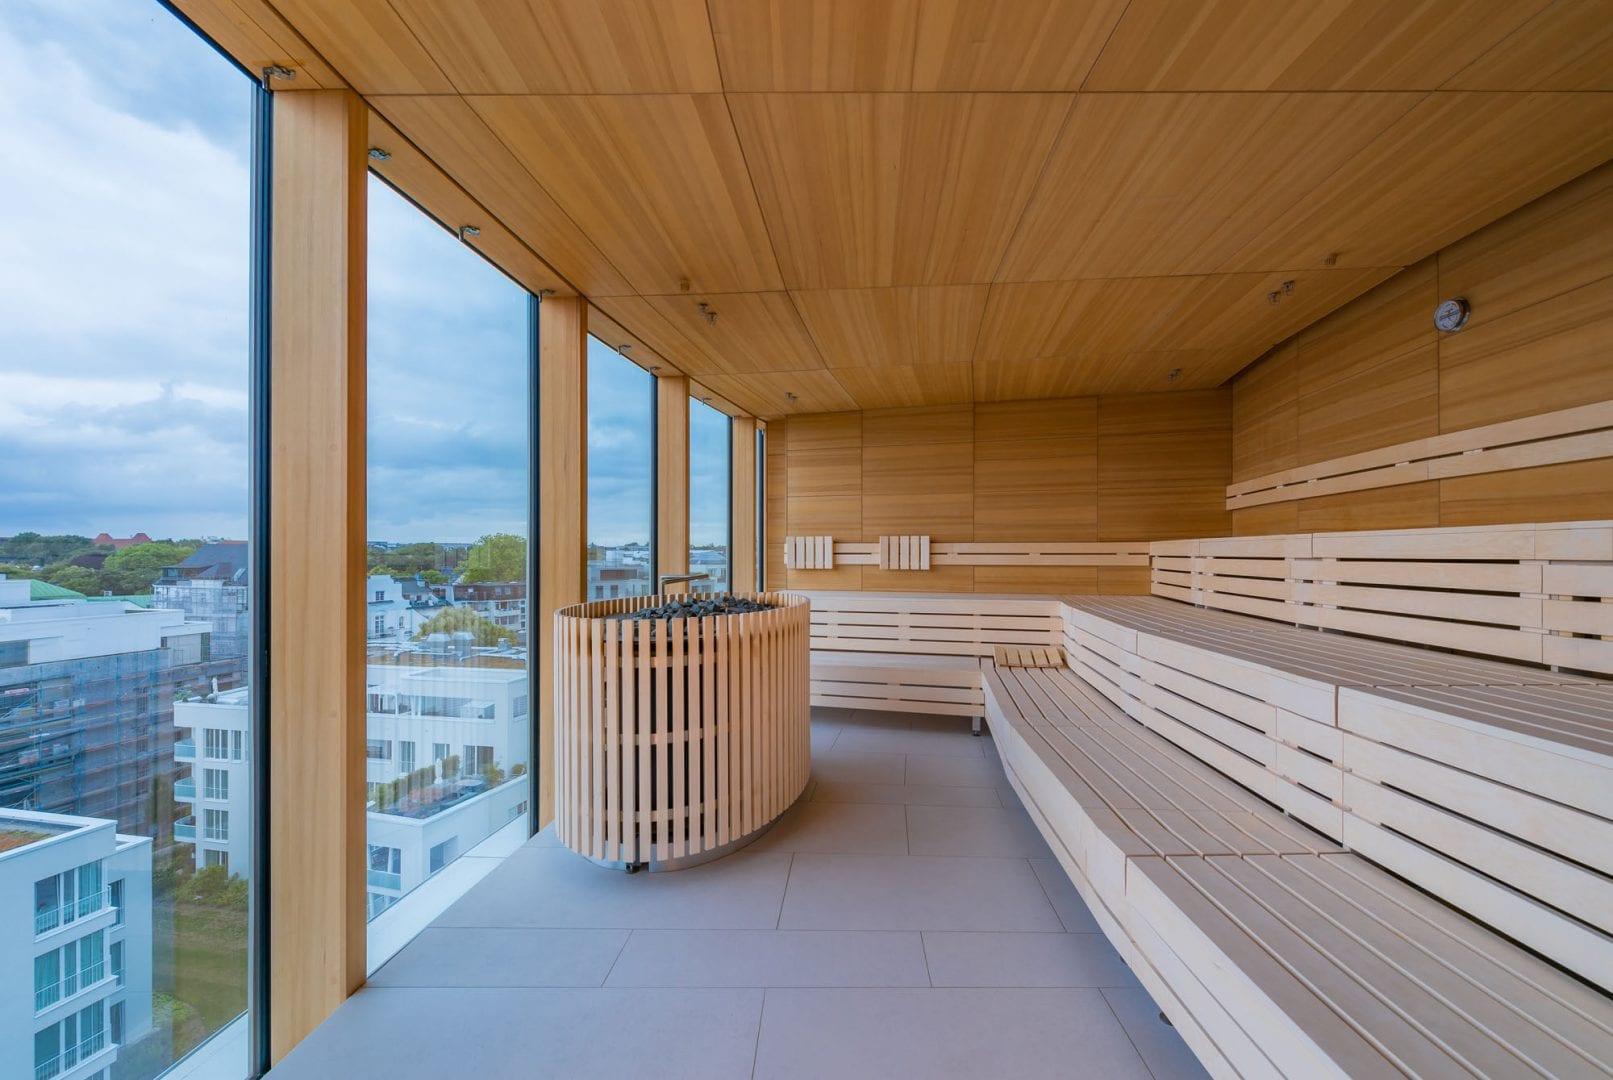 Sauna Studioline Sonderanfertigung gewerblich